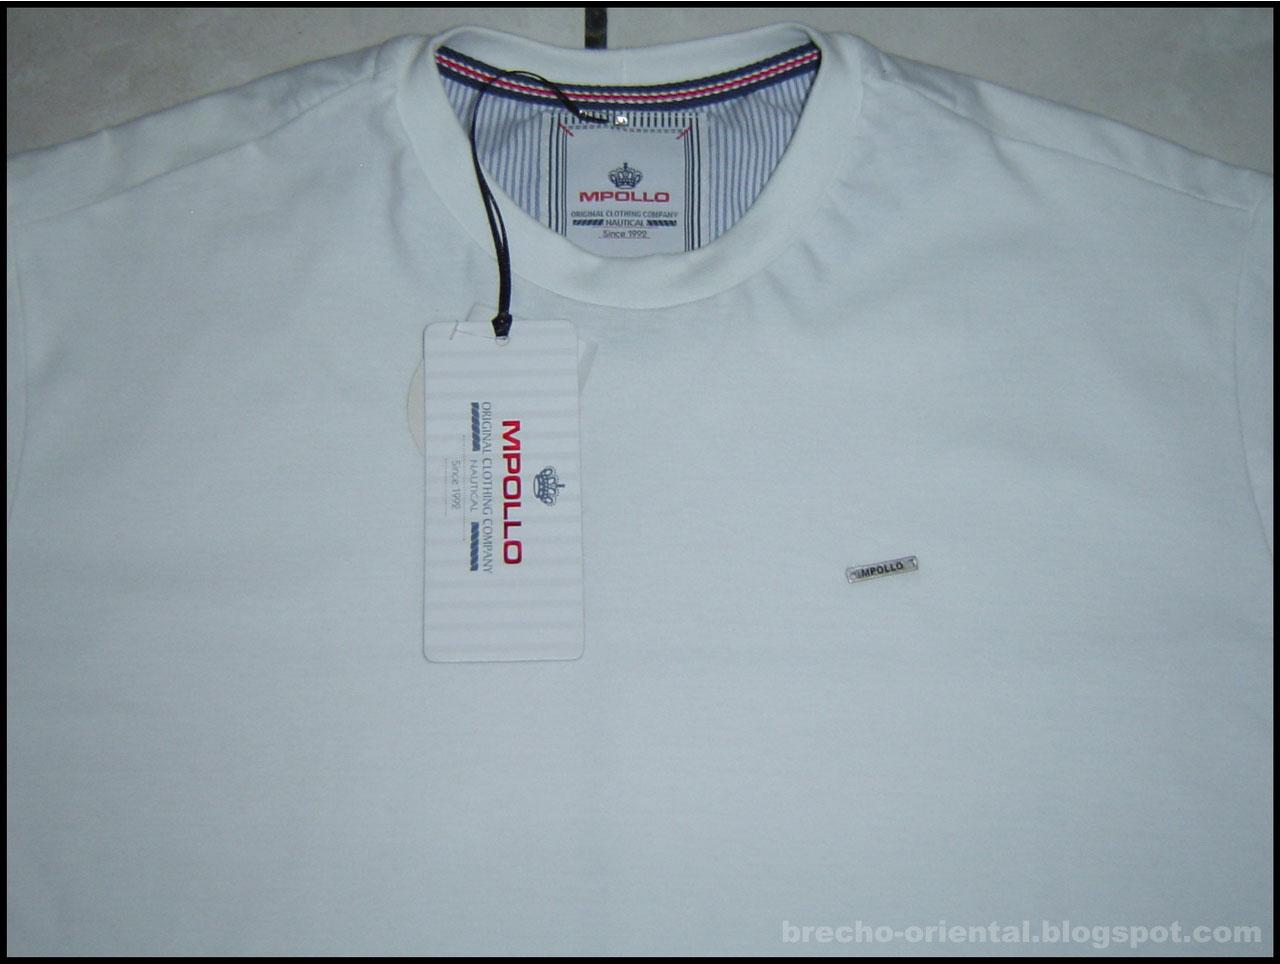 5320ab4055 Camiseta masculina 100% algodão. Cor  Branco Marca  M.Pollo Tamanho  G  Estado  Produto novo por R 50